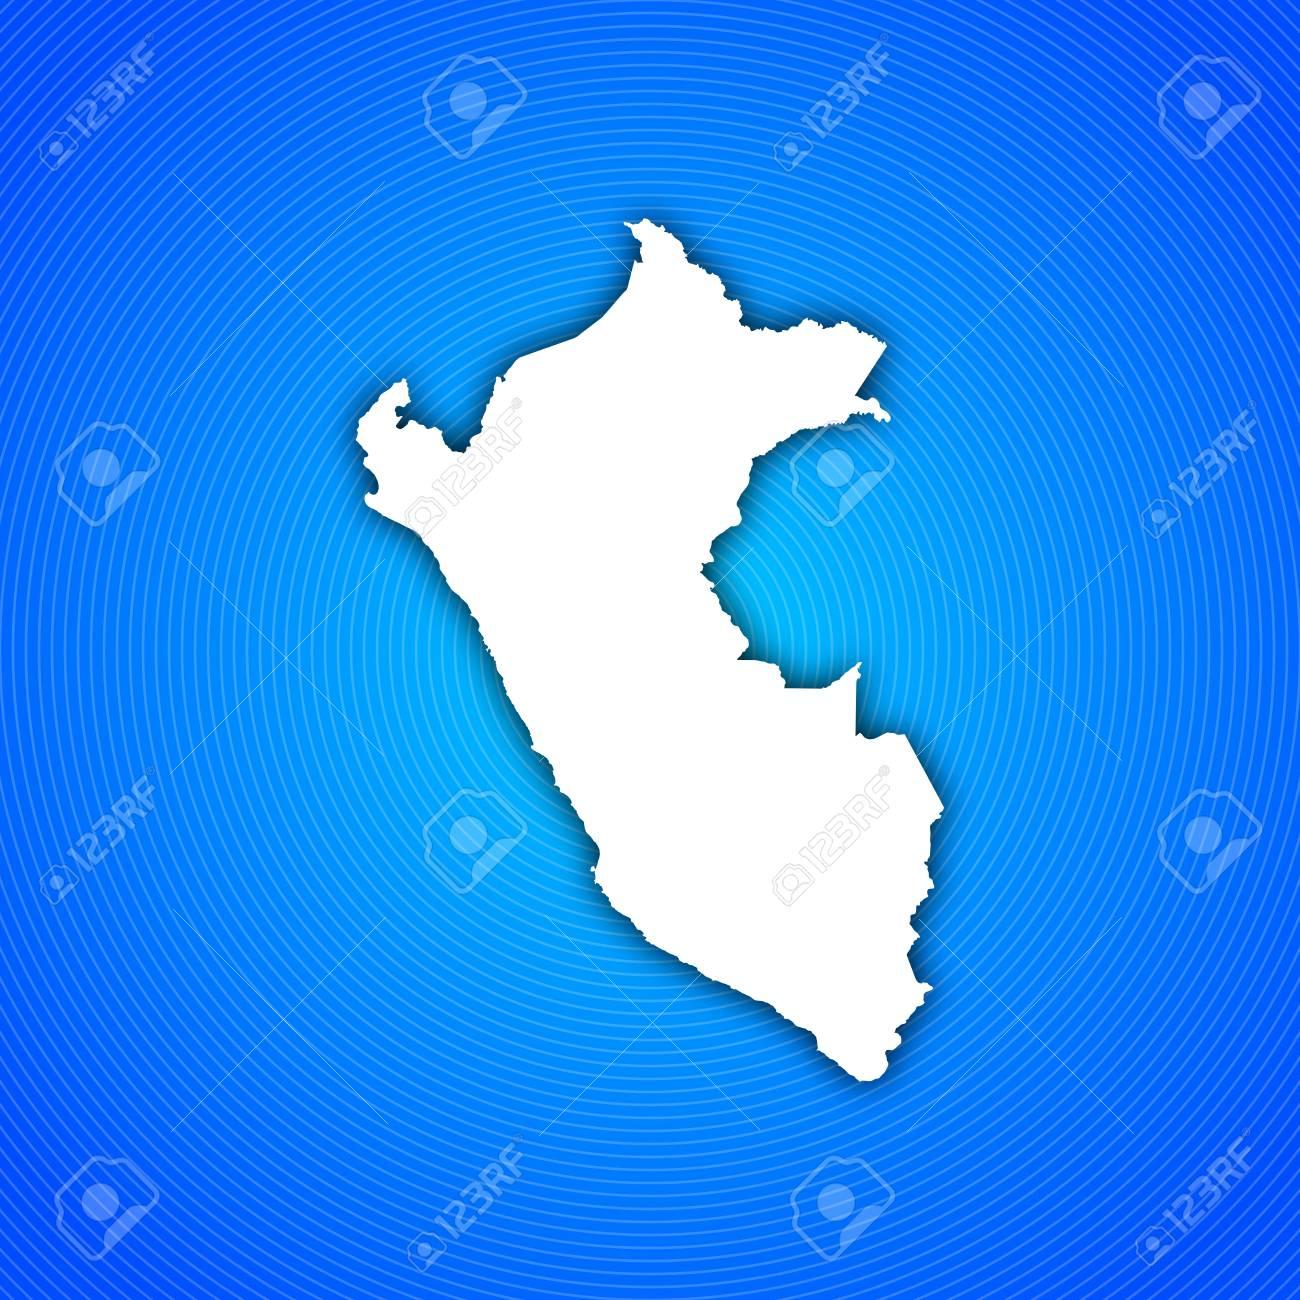 Mapa Politico Del Peru.Mapa Politico Del Peru Con Las Diversas Regiones